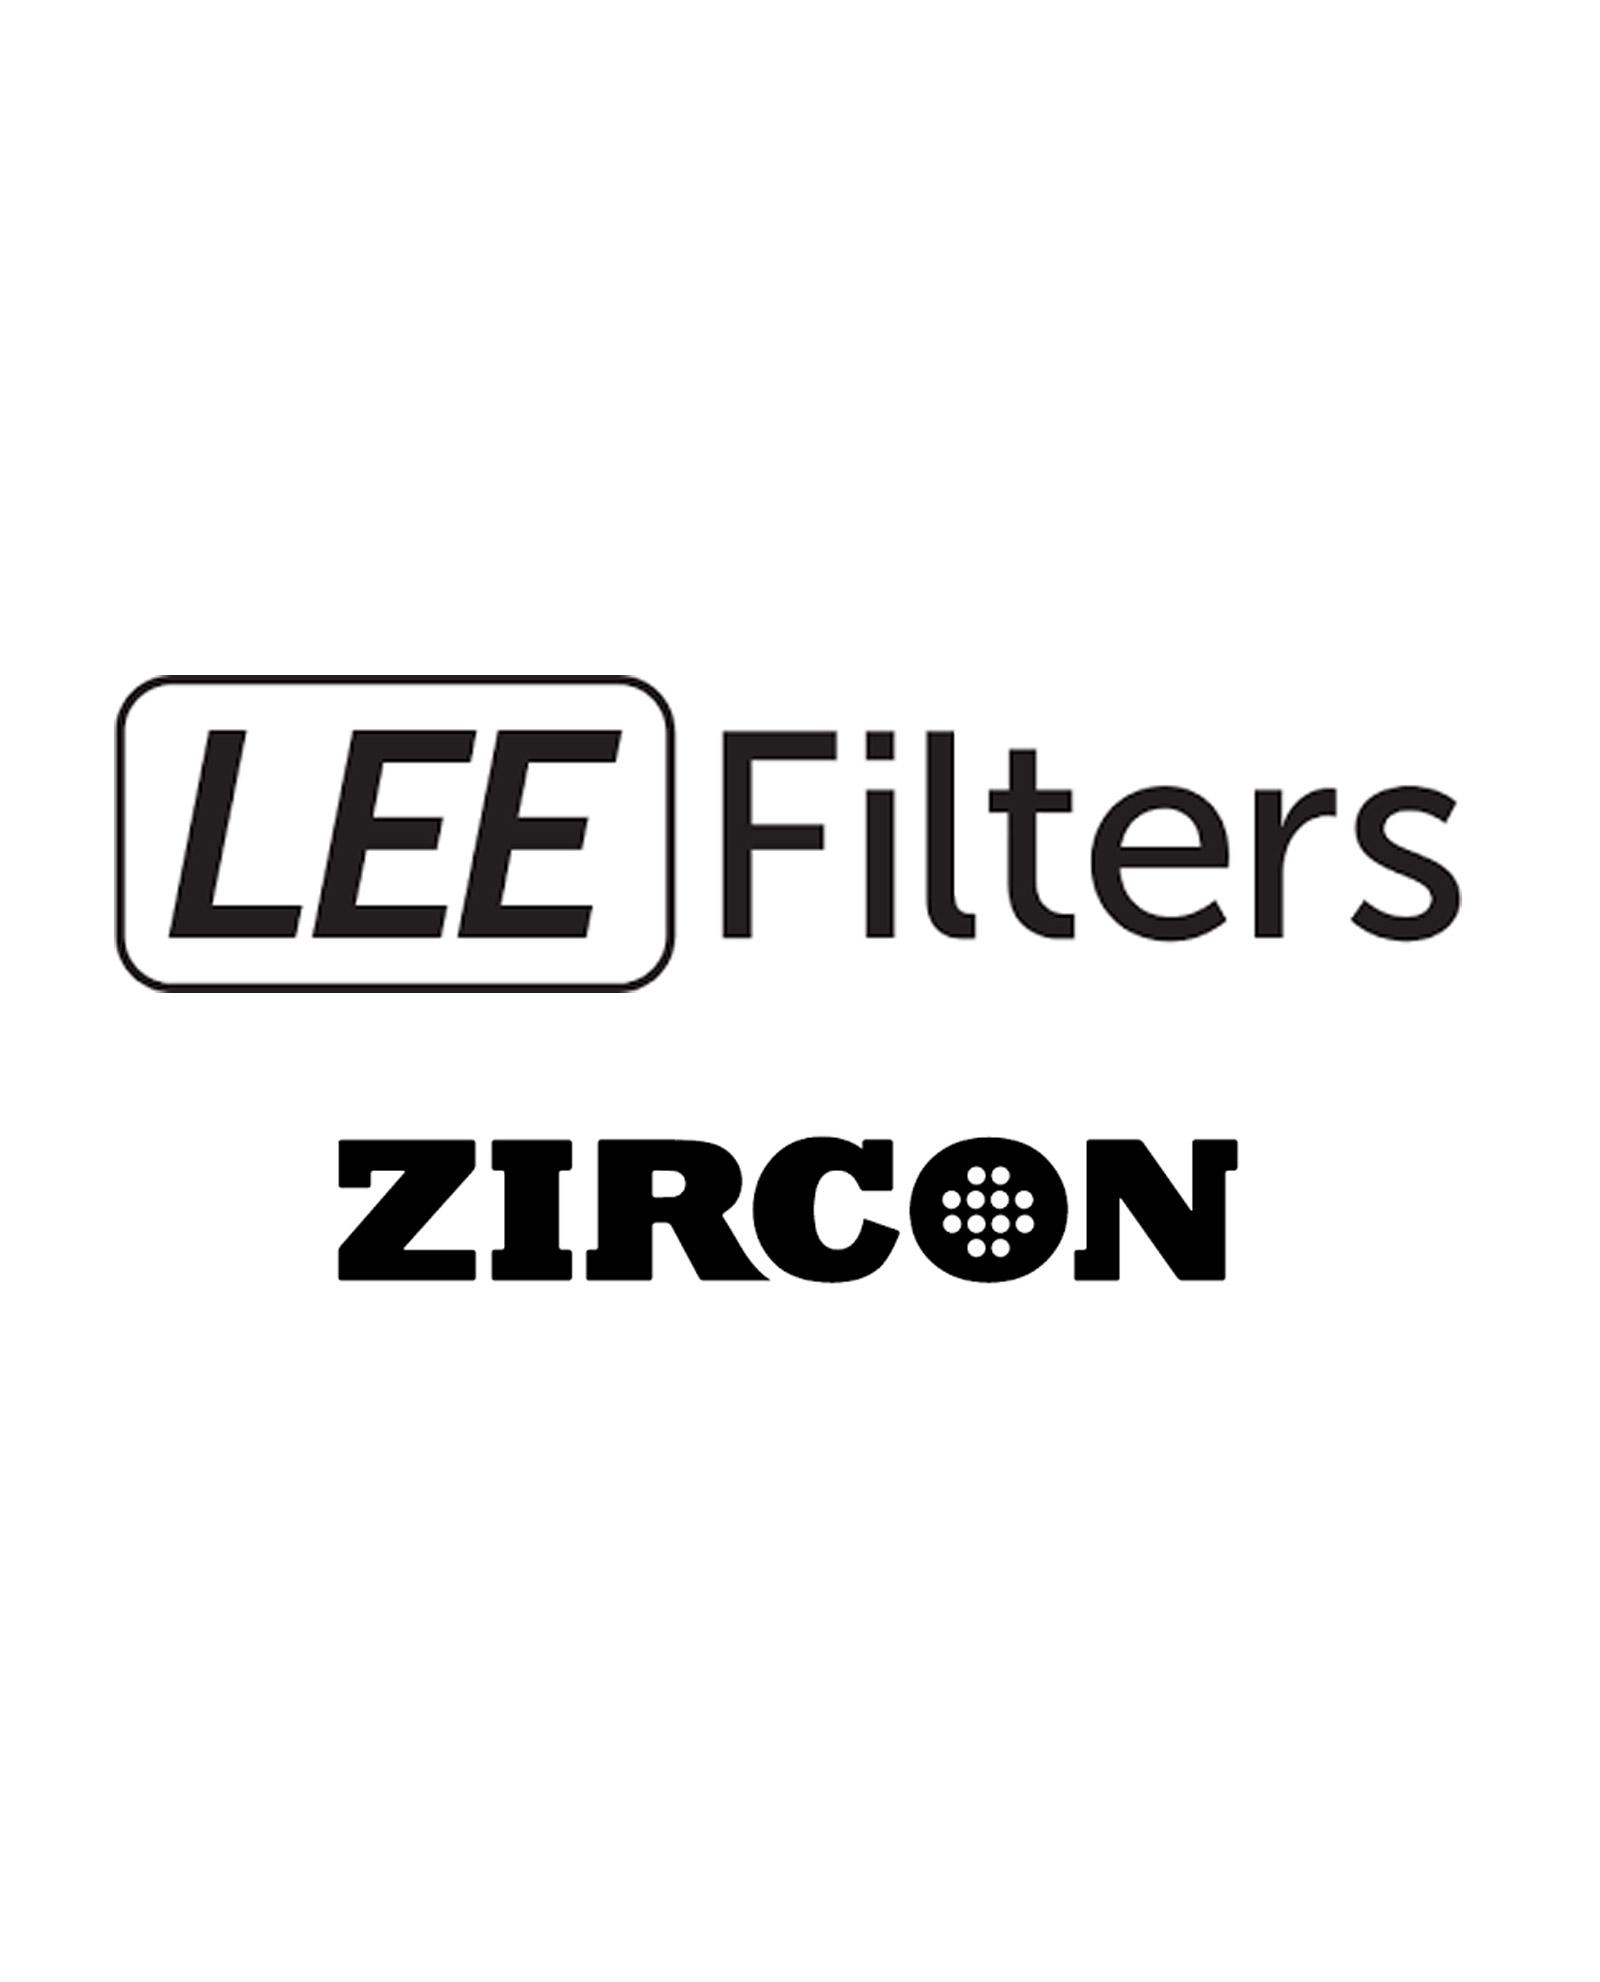 Lee Filters Zircon